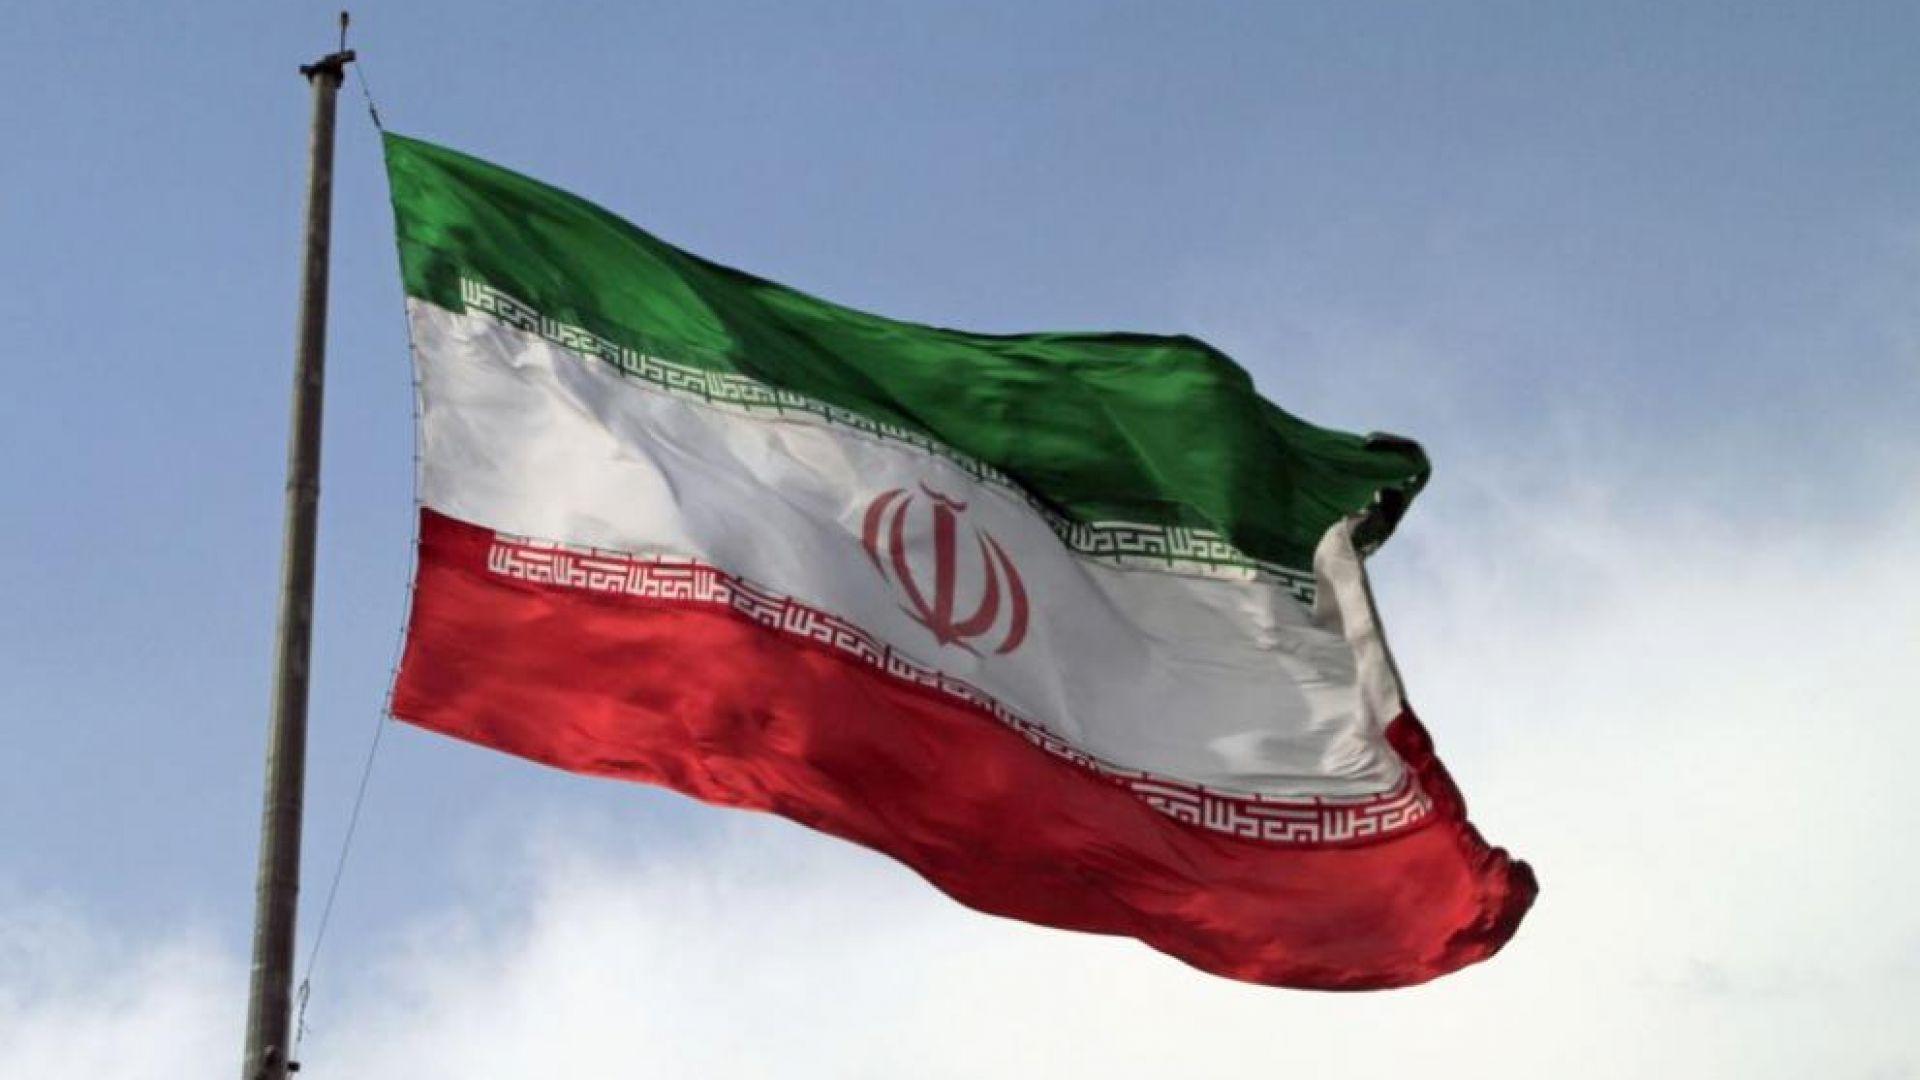 Посолството на Иран у нас: Солеймани спаси Европа от ИДИЛ